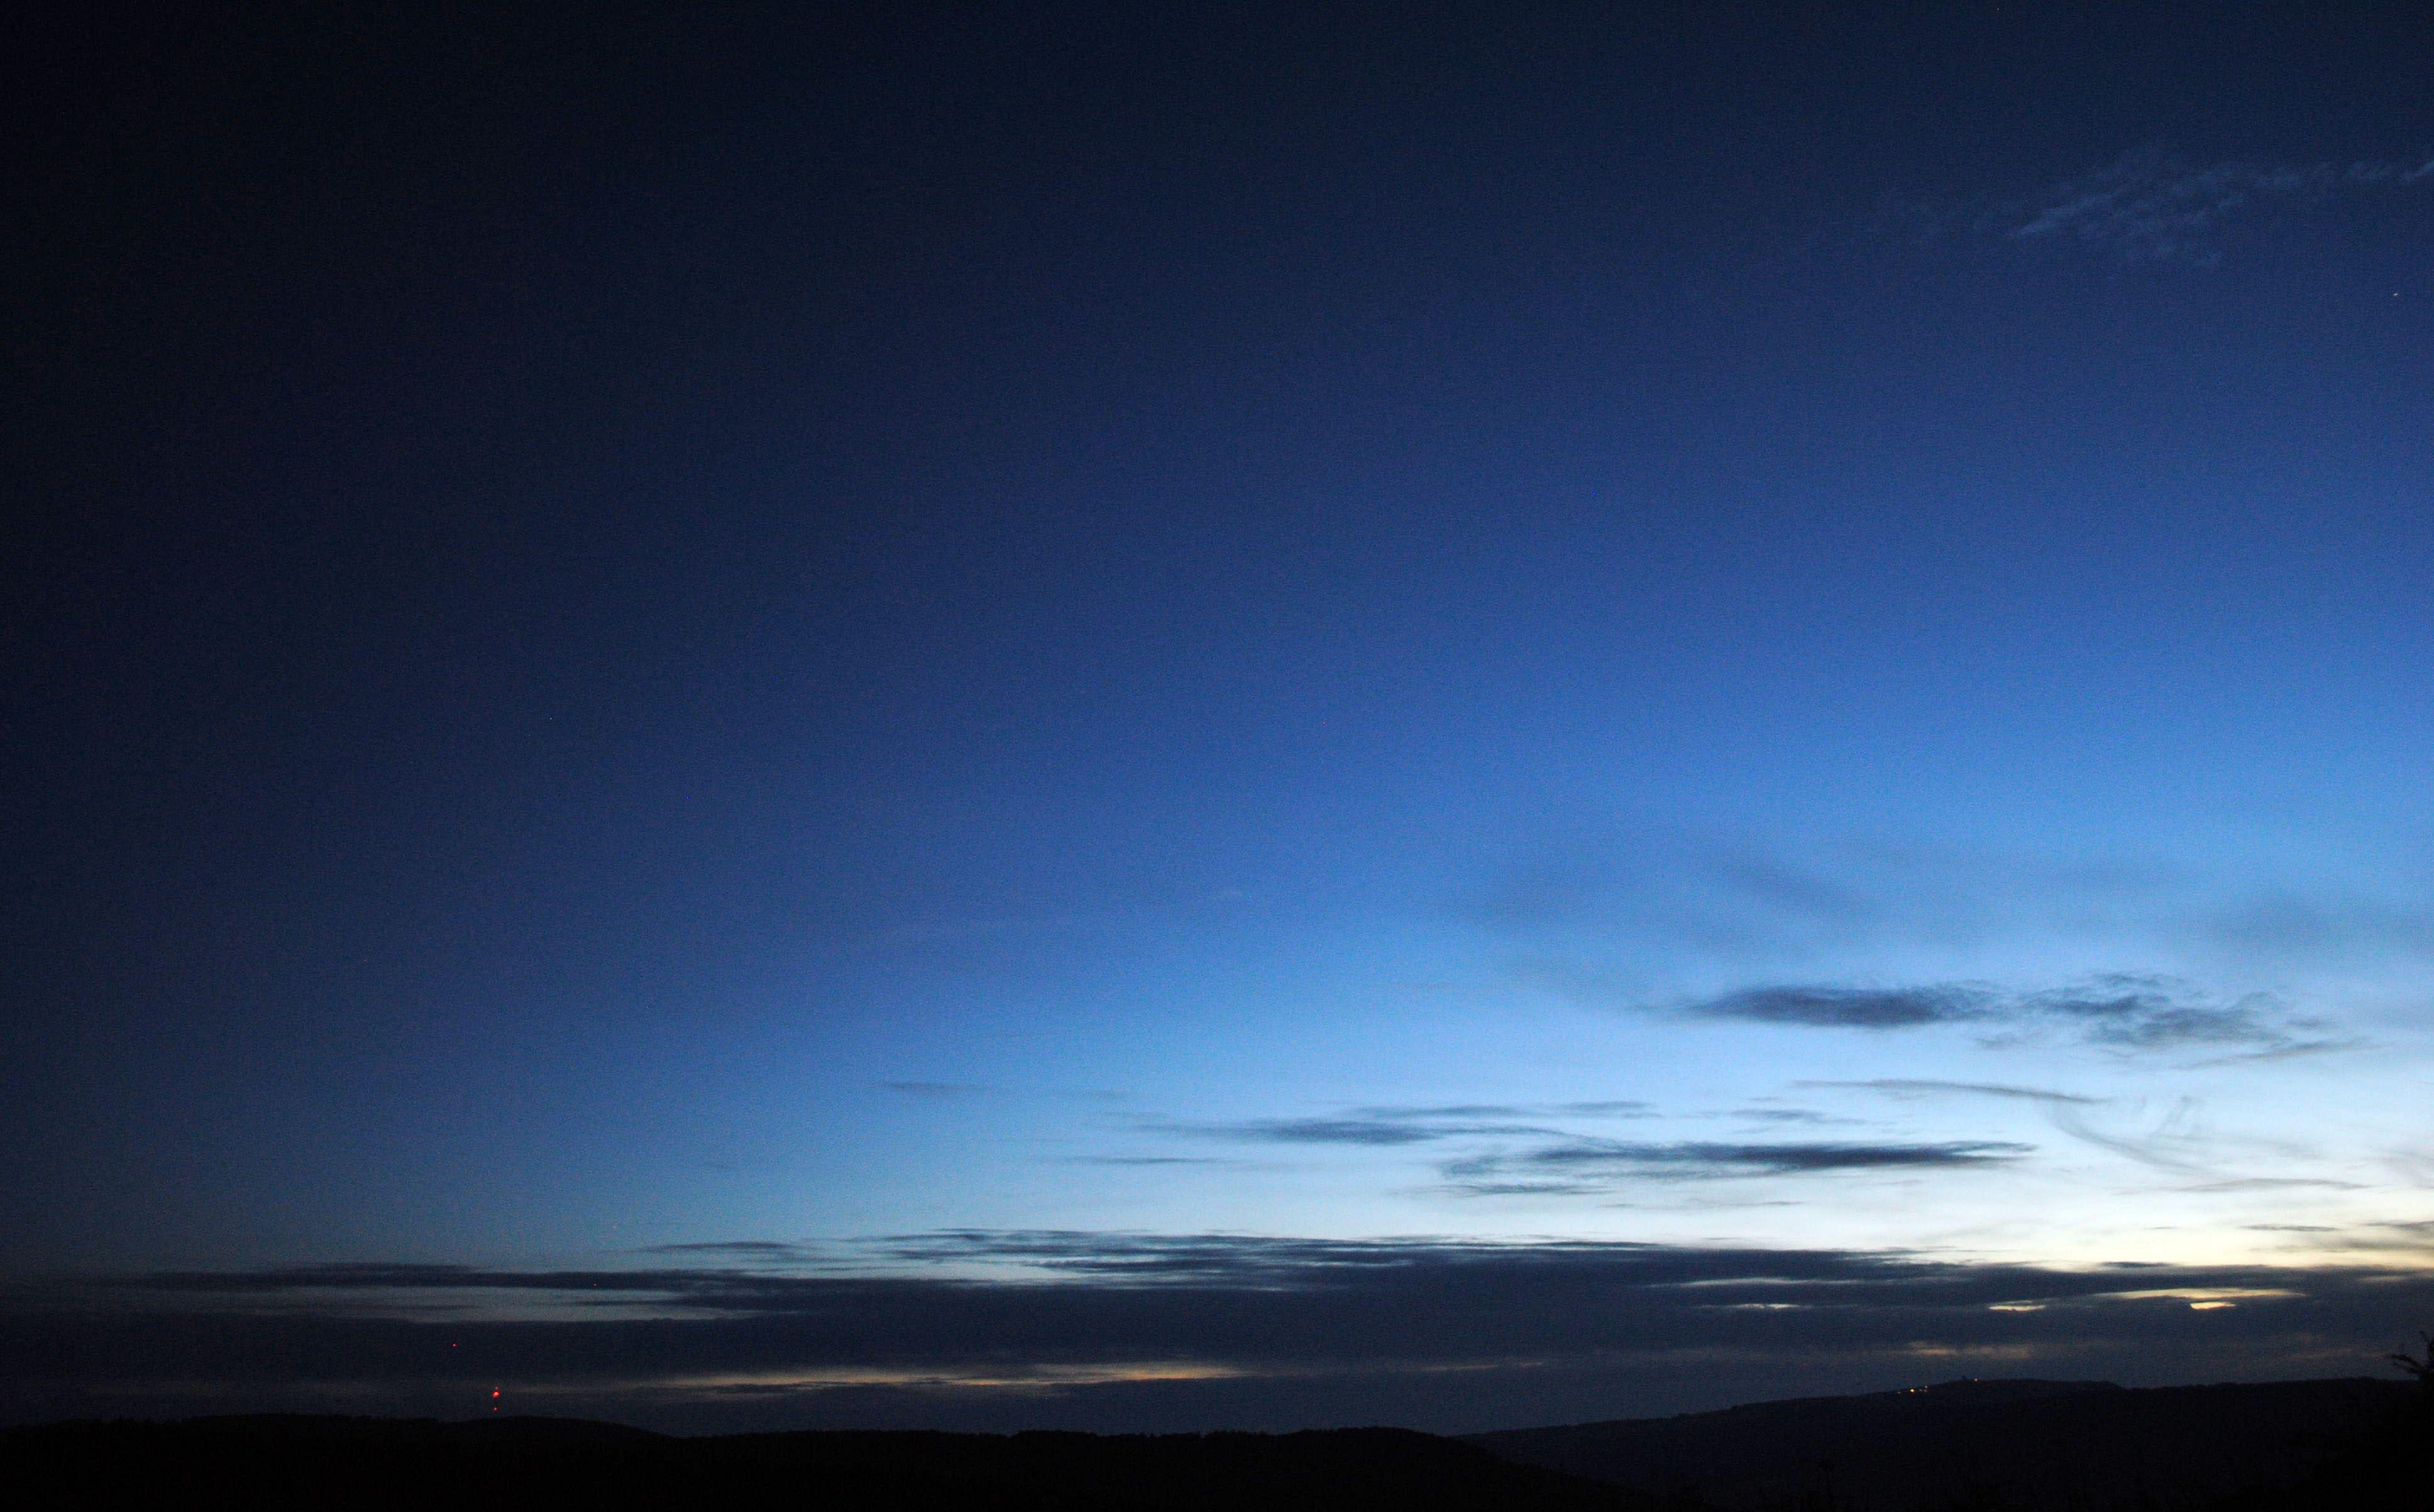 Dämmerung kurz vor der Deep-Sky-Beobachtung in der Hohen Rhön rund um das Schwarze Moor Astronomie